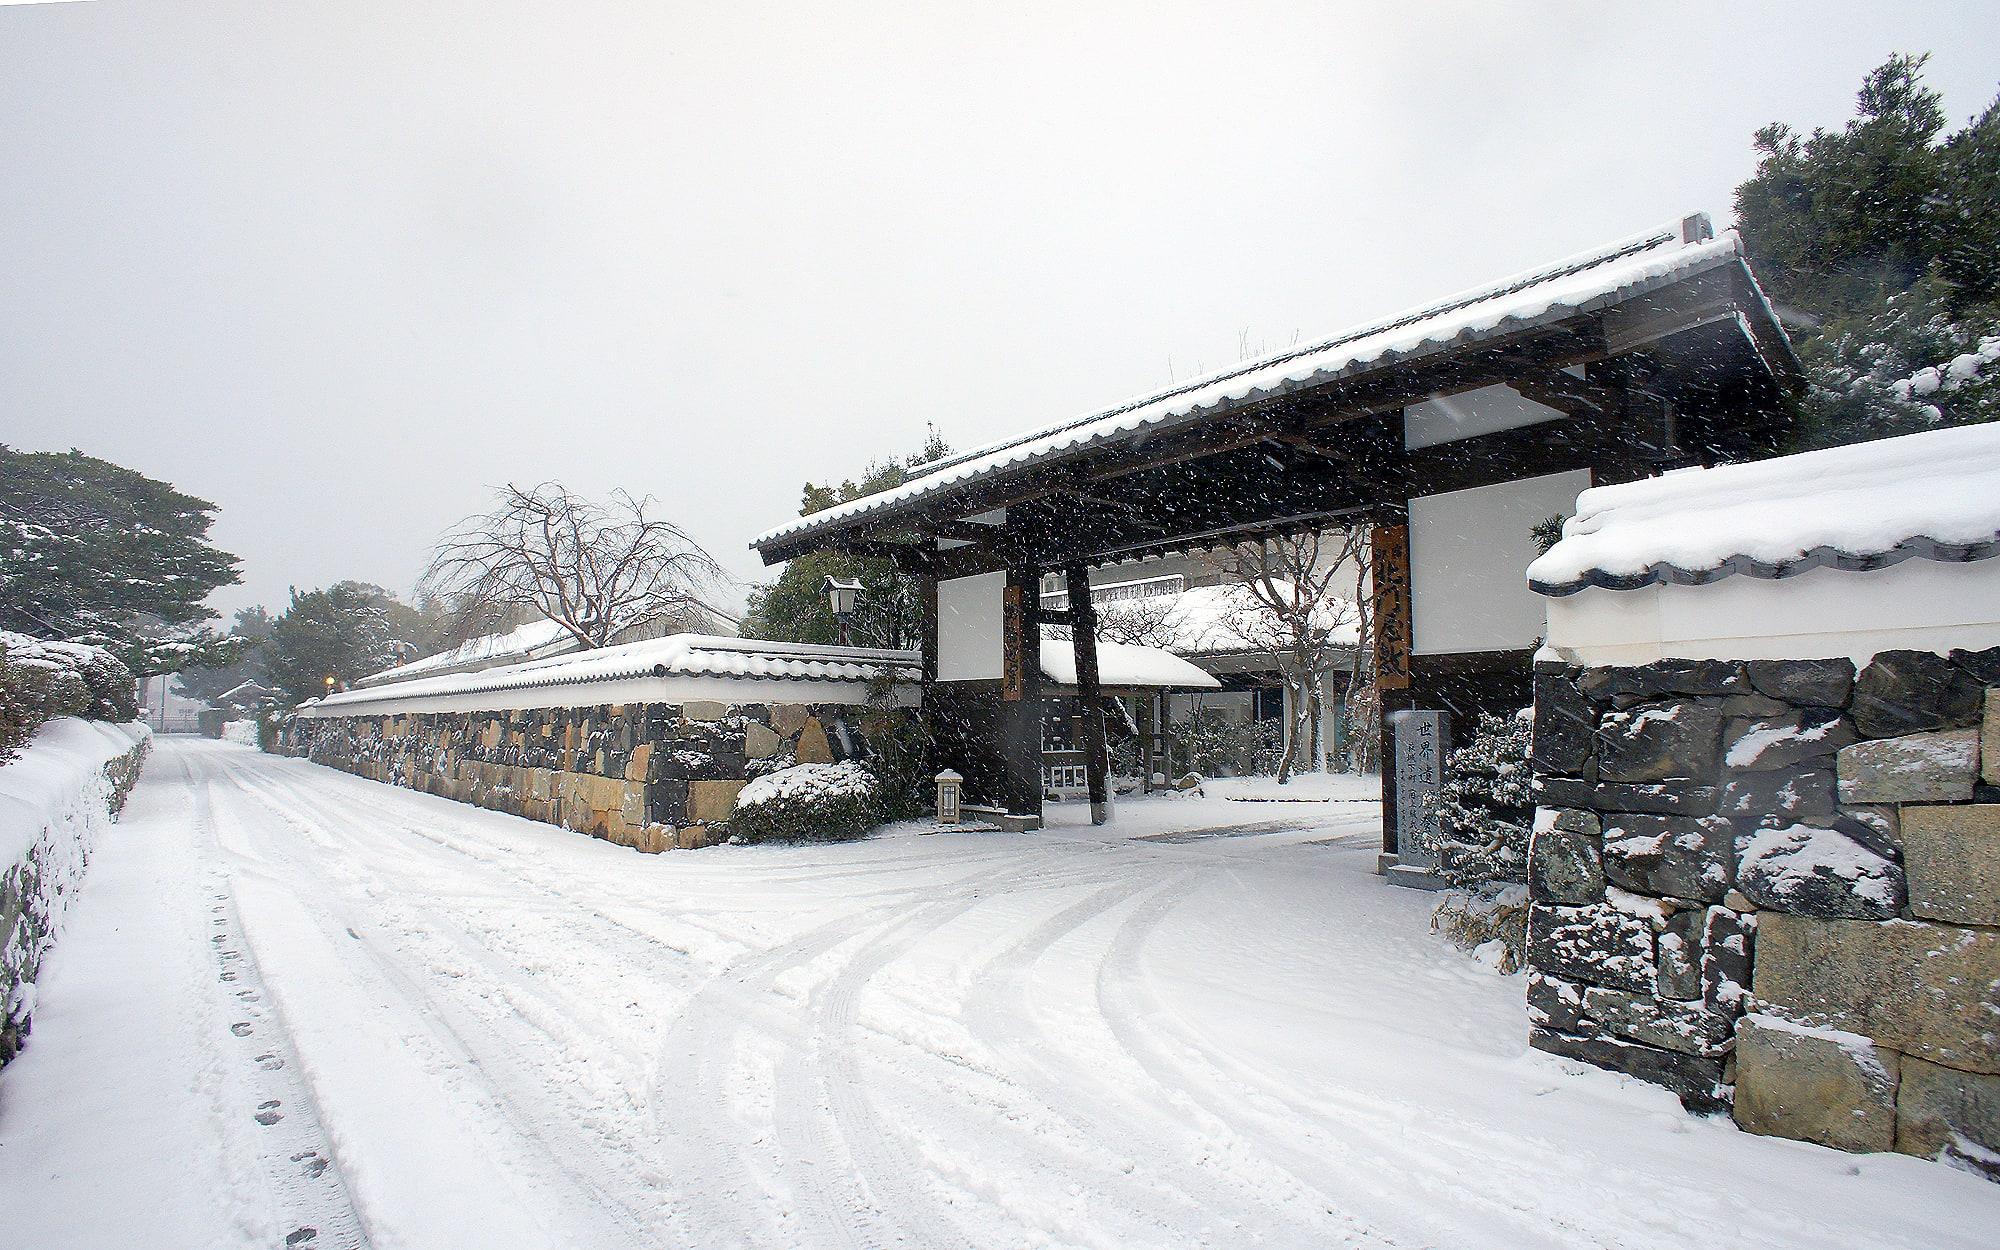 山口県 萩市 世界遺産[萩城下町]唯一の旅館 萩城三の丸 北門屋敷